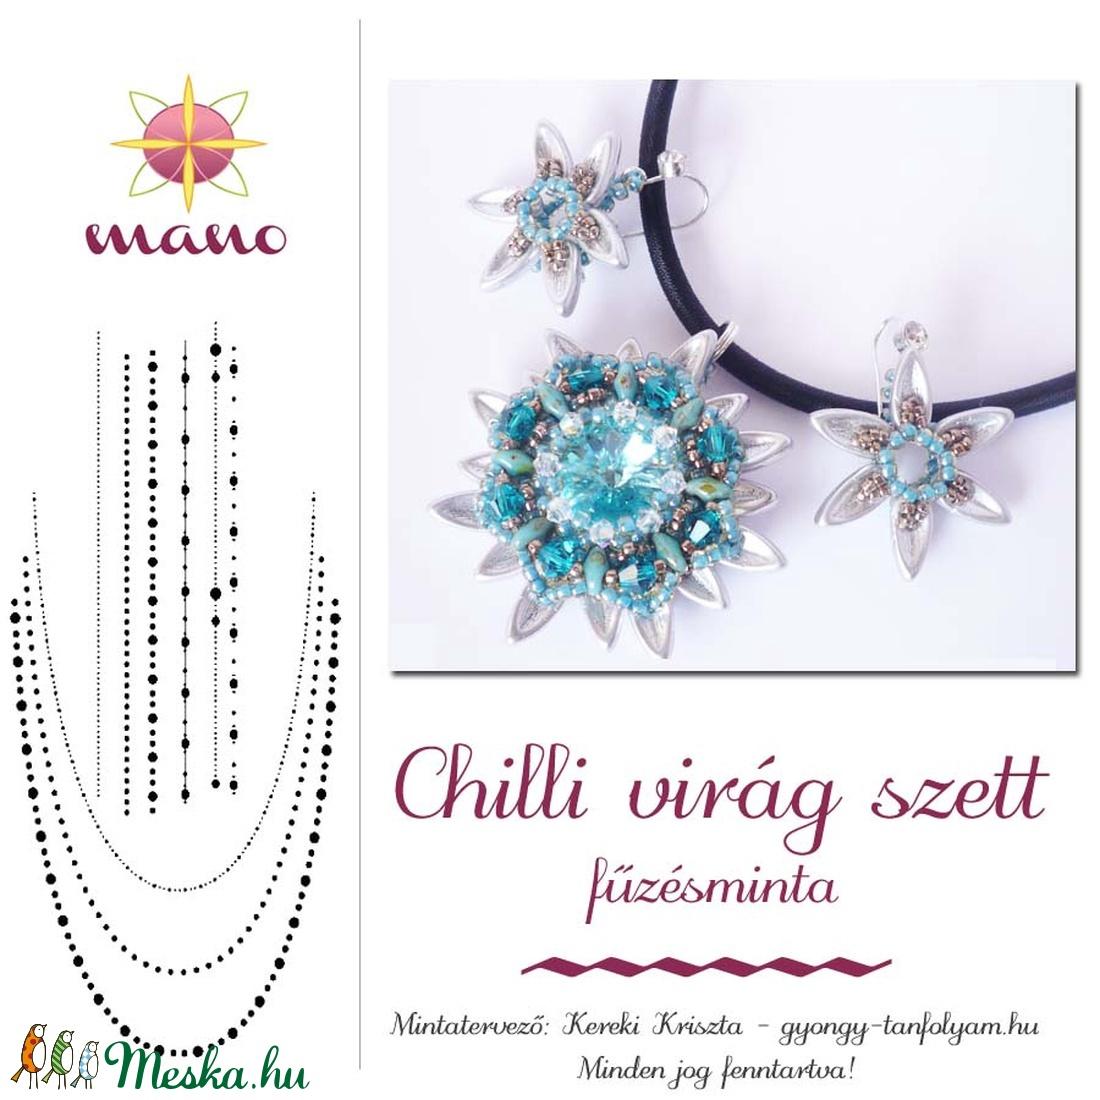 Chilli virág szett fűzésminta (KKriszta) - Meska.hu